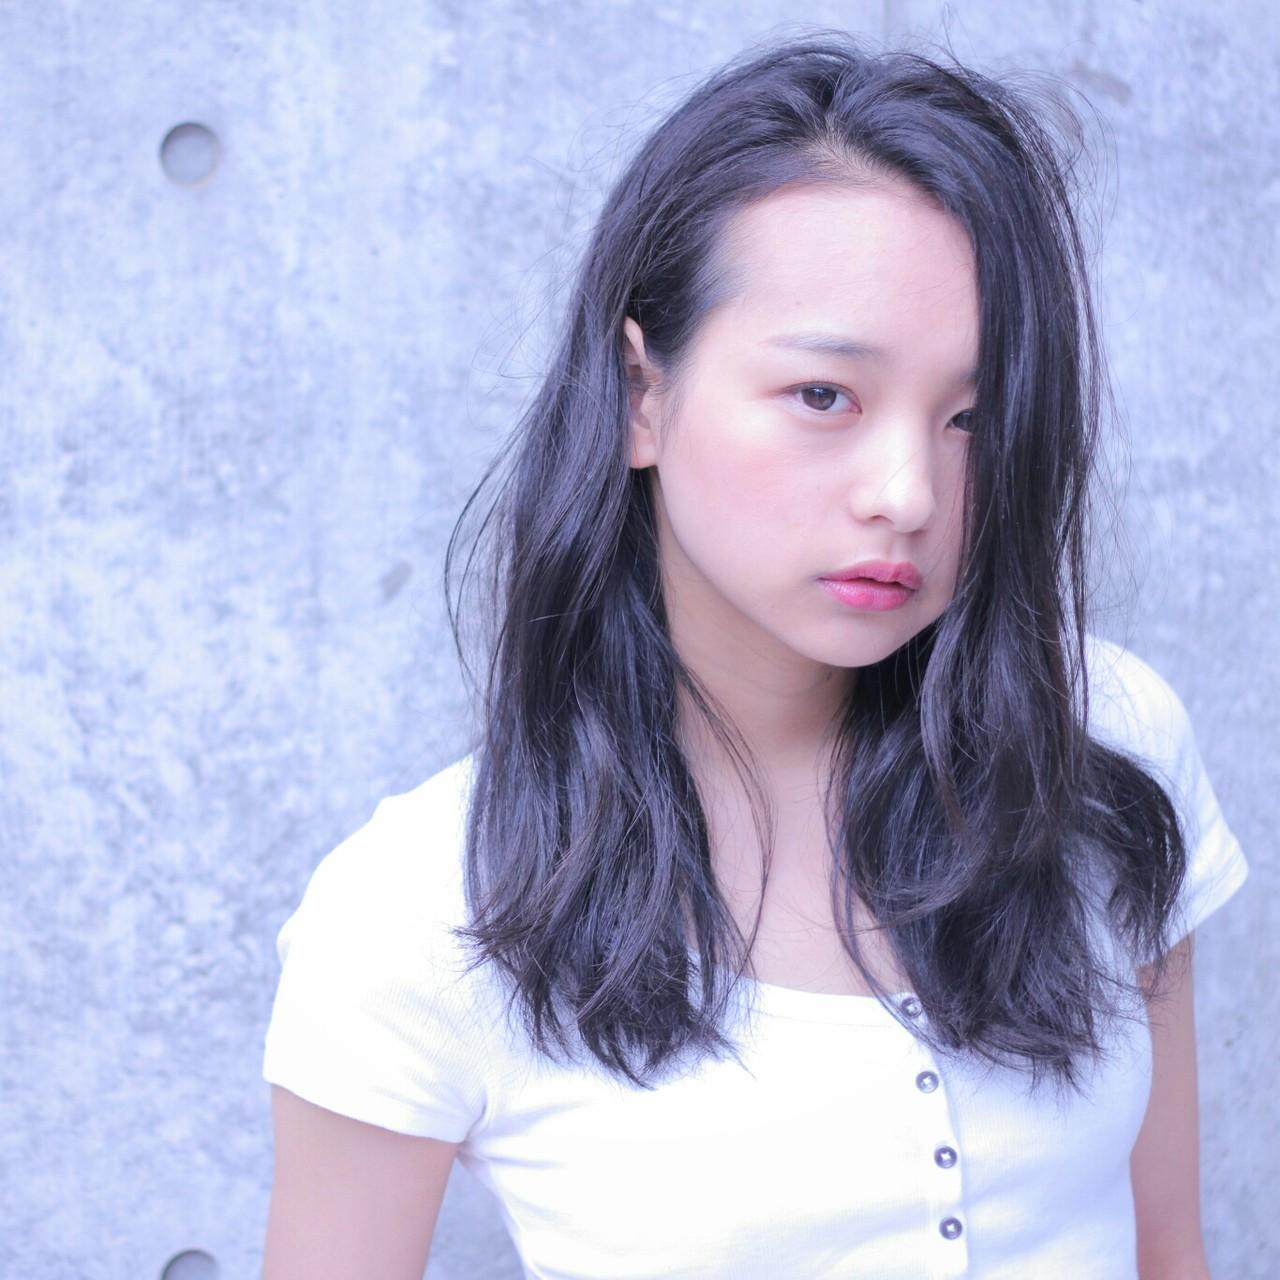 モテる黒髪はセミロングでしょ!清楚で可愛い黒髪セミロング10選! Wataru Maeda